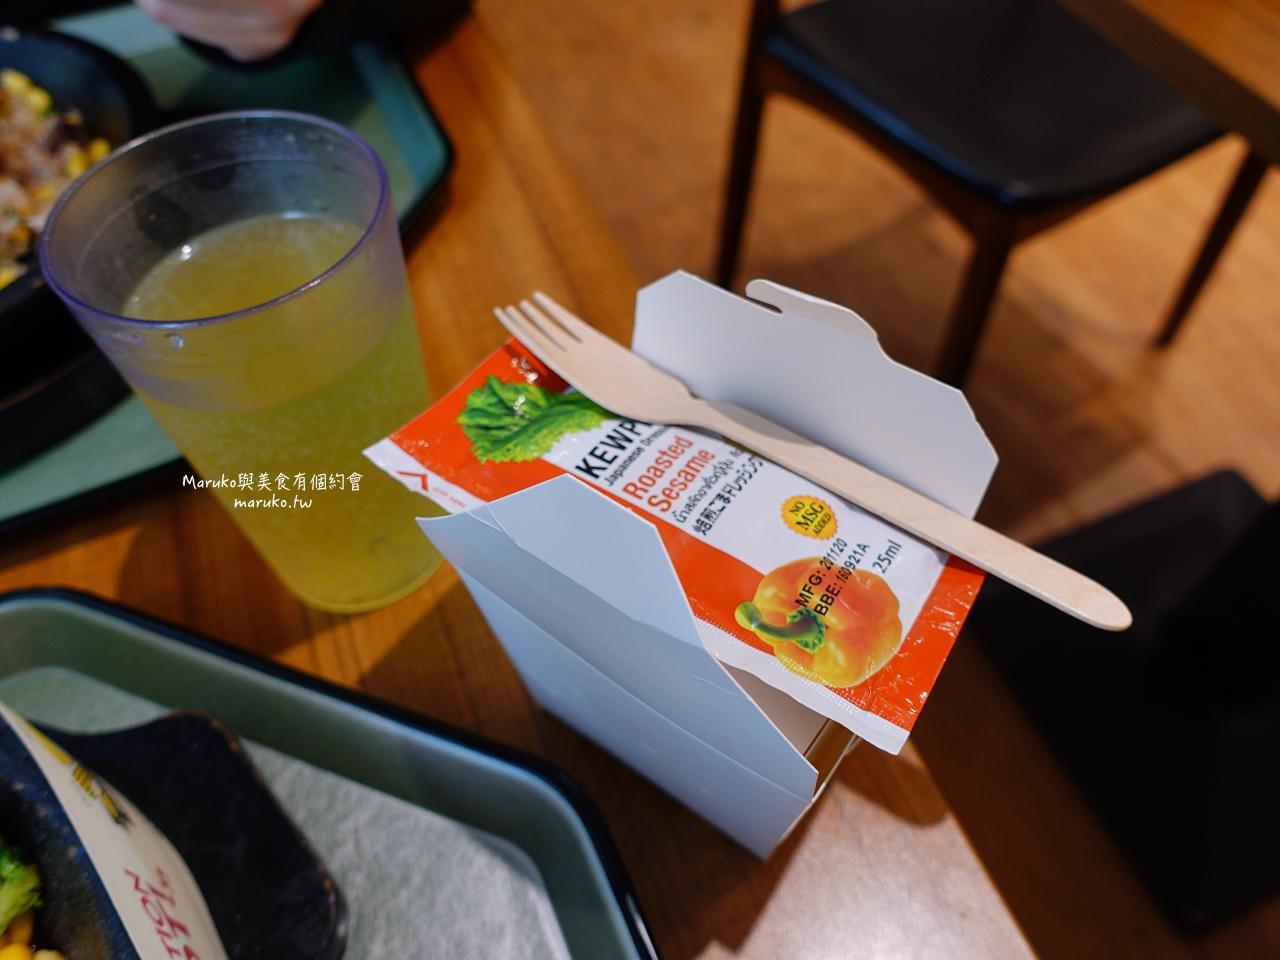 【台北】Pepper Lunch 胡椒廚房/ 來自日本鐵板牛排飯美味自己決定/西門站日式餐廳 @Maruko與美食有個約會